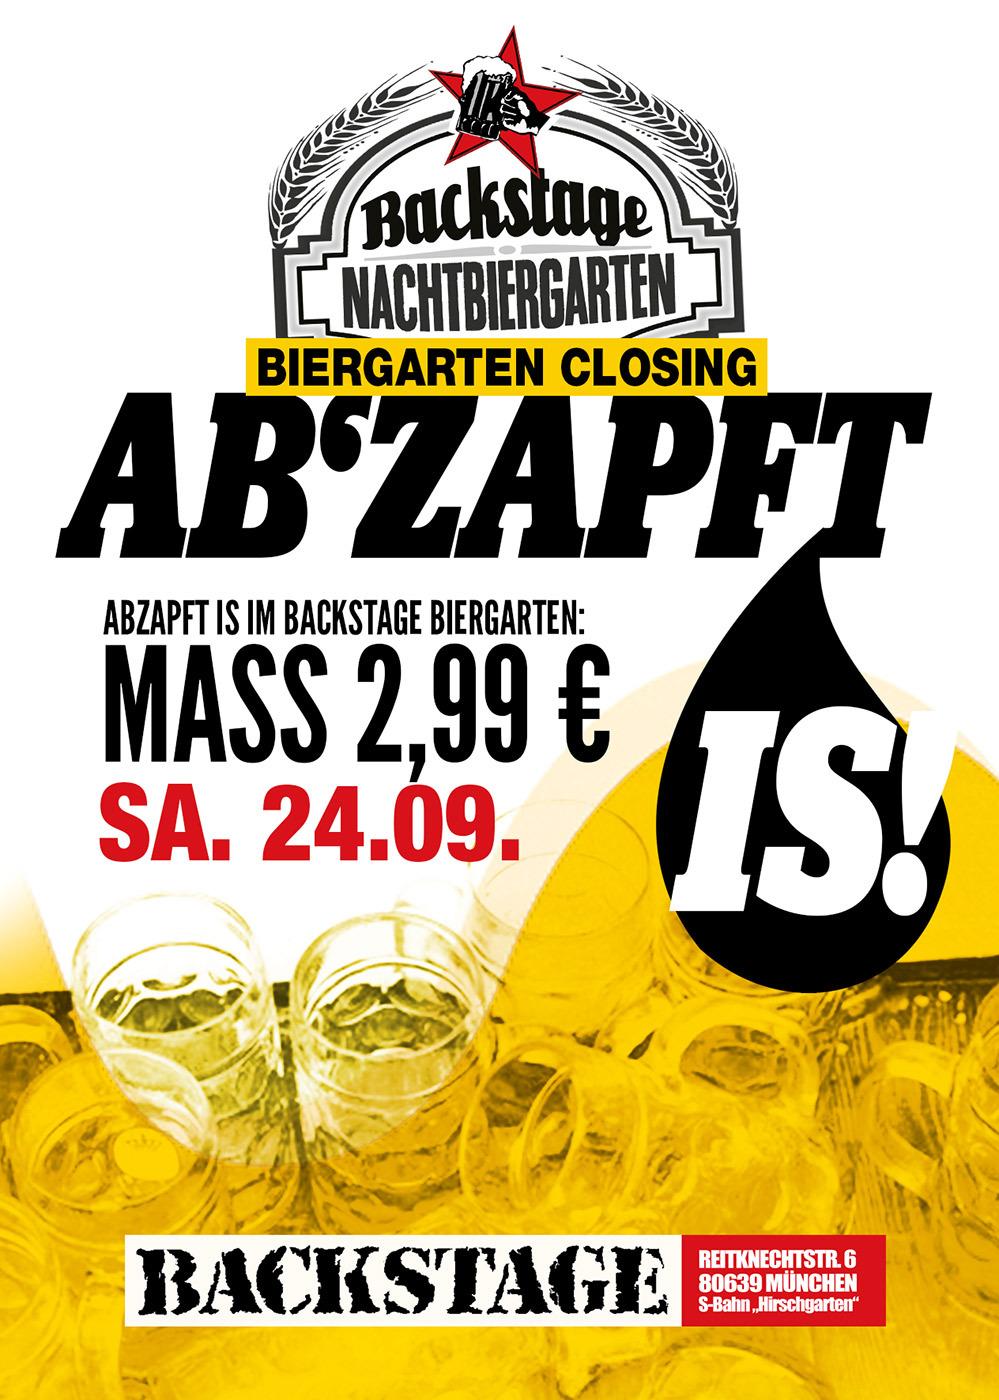 [lokal München] 18x 1l Mass  Bier König Ludwig Hell für 27€ @ Backstage Nachtbiergarten 24.09.2016 (Aktion+Gutschein)